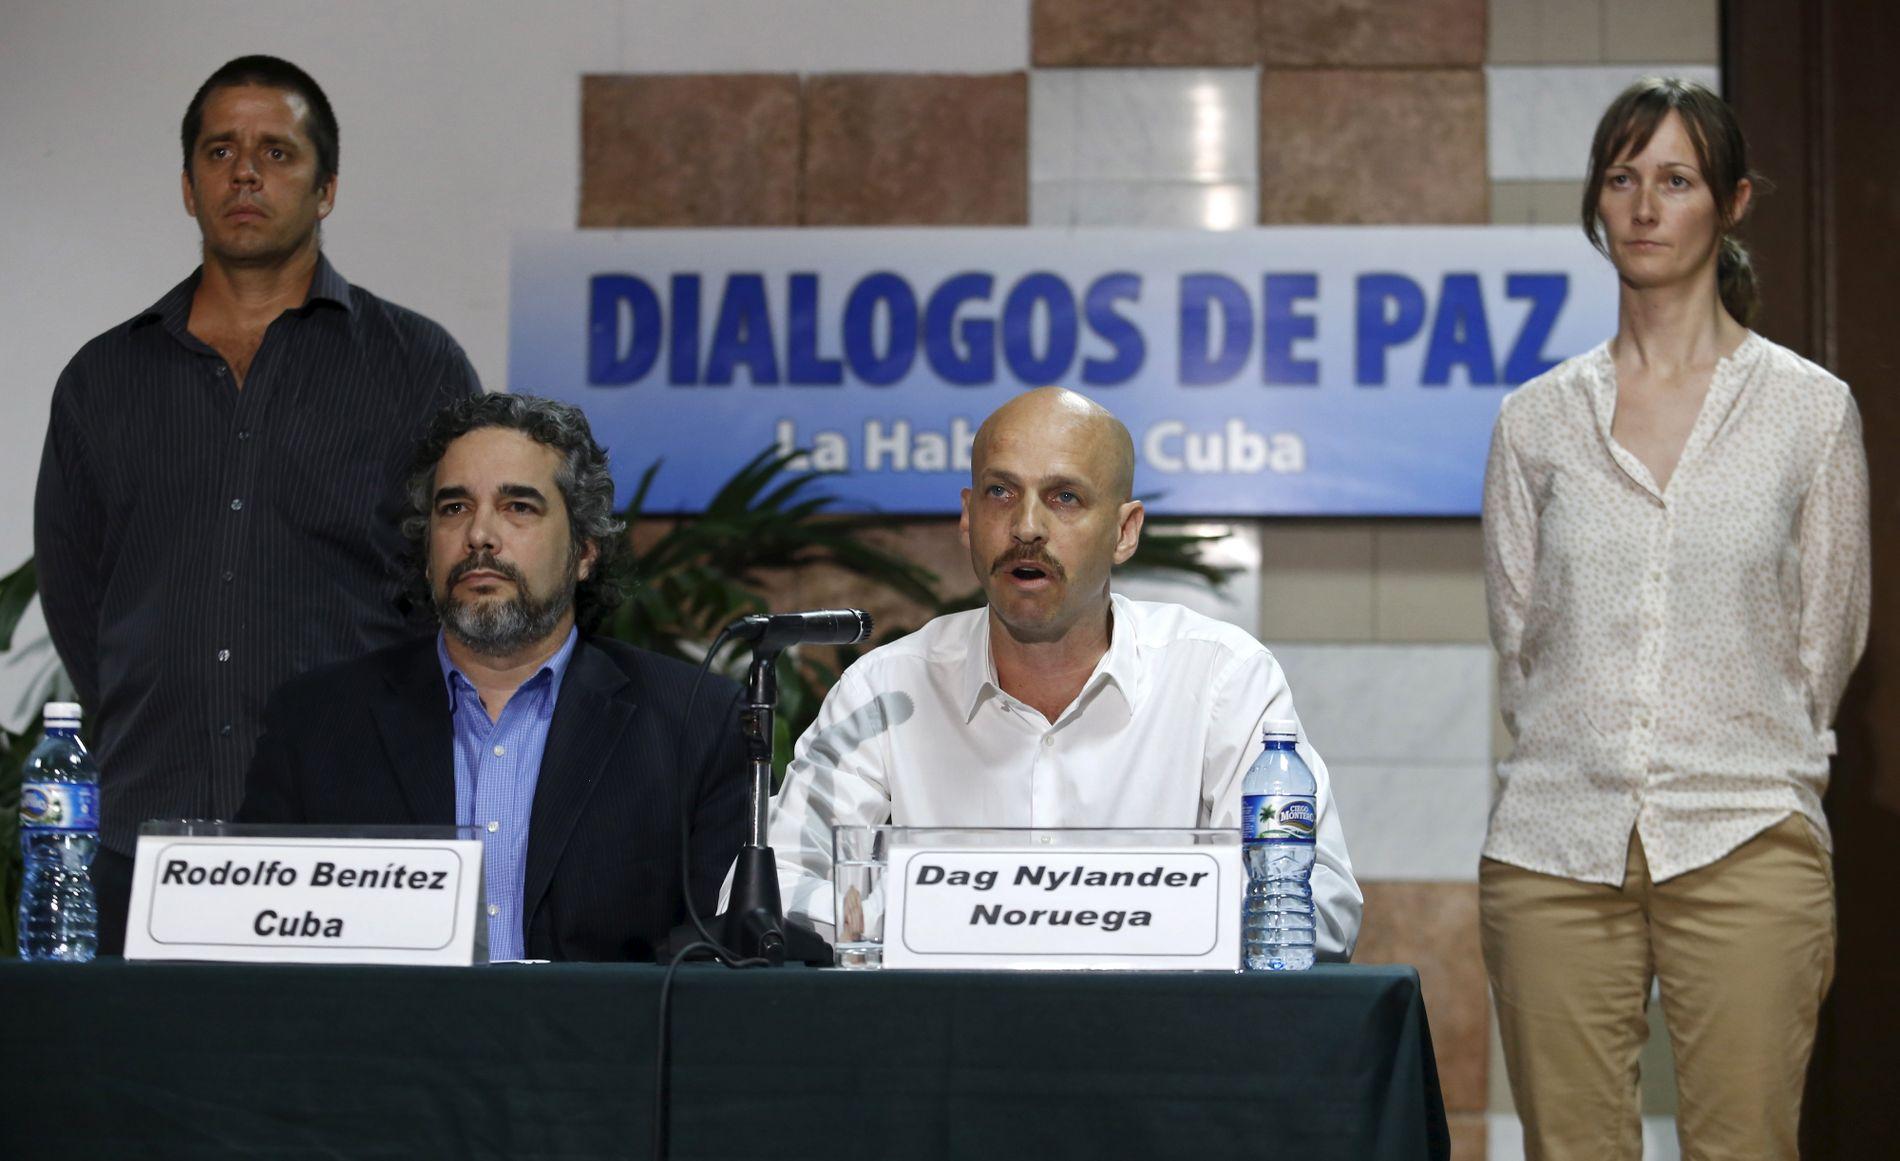 ERFARNE FORHANDLERE: Dag Nylander (t.h) var med under forhandlingene i Colombia. Nå spekuleres det i at de samme forhandlerne som var i Colombia, deltar i samtalene med de venezulanske partene.